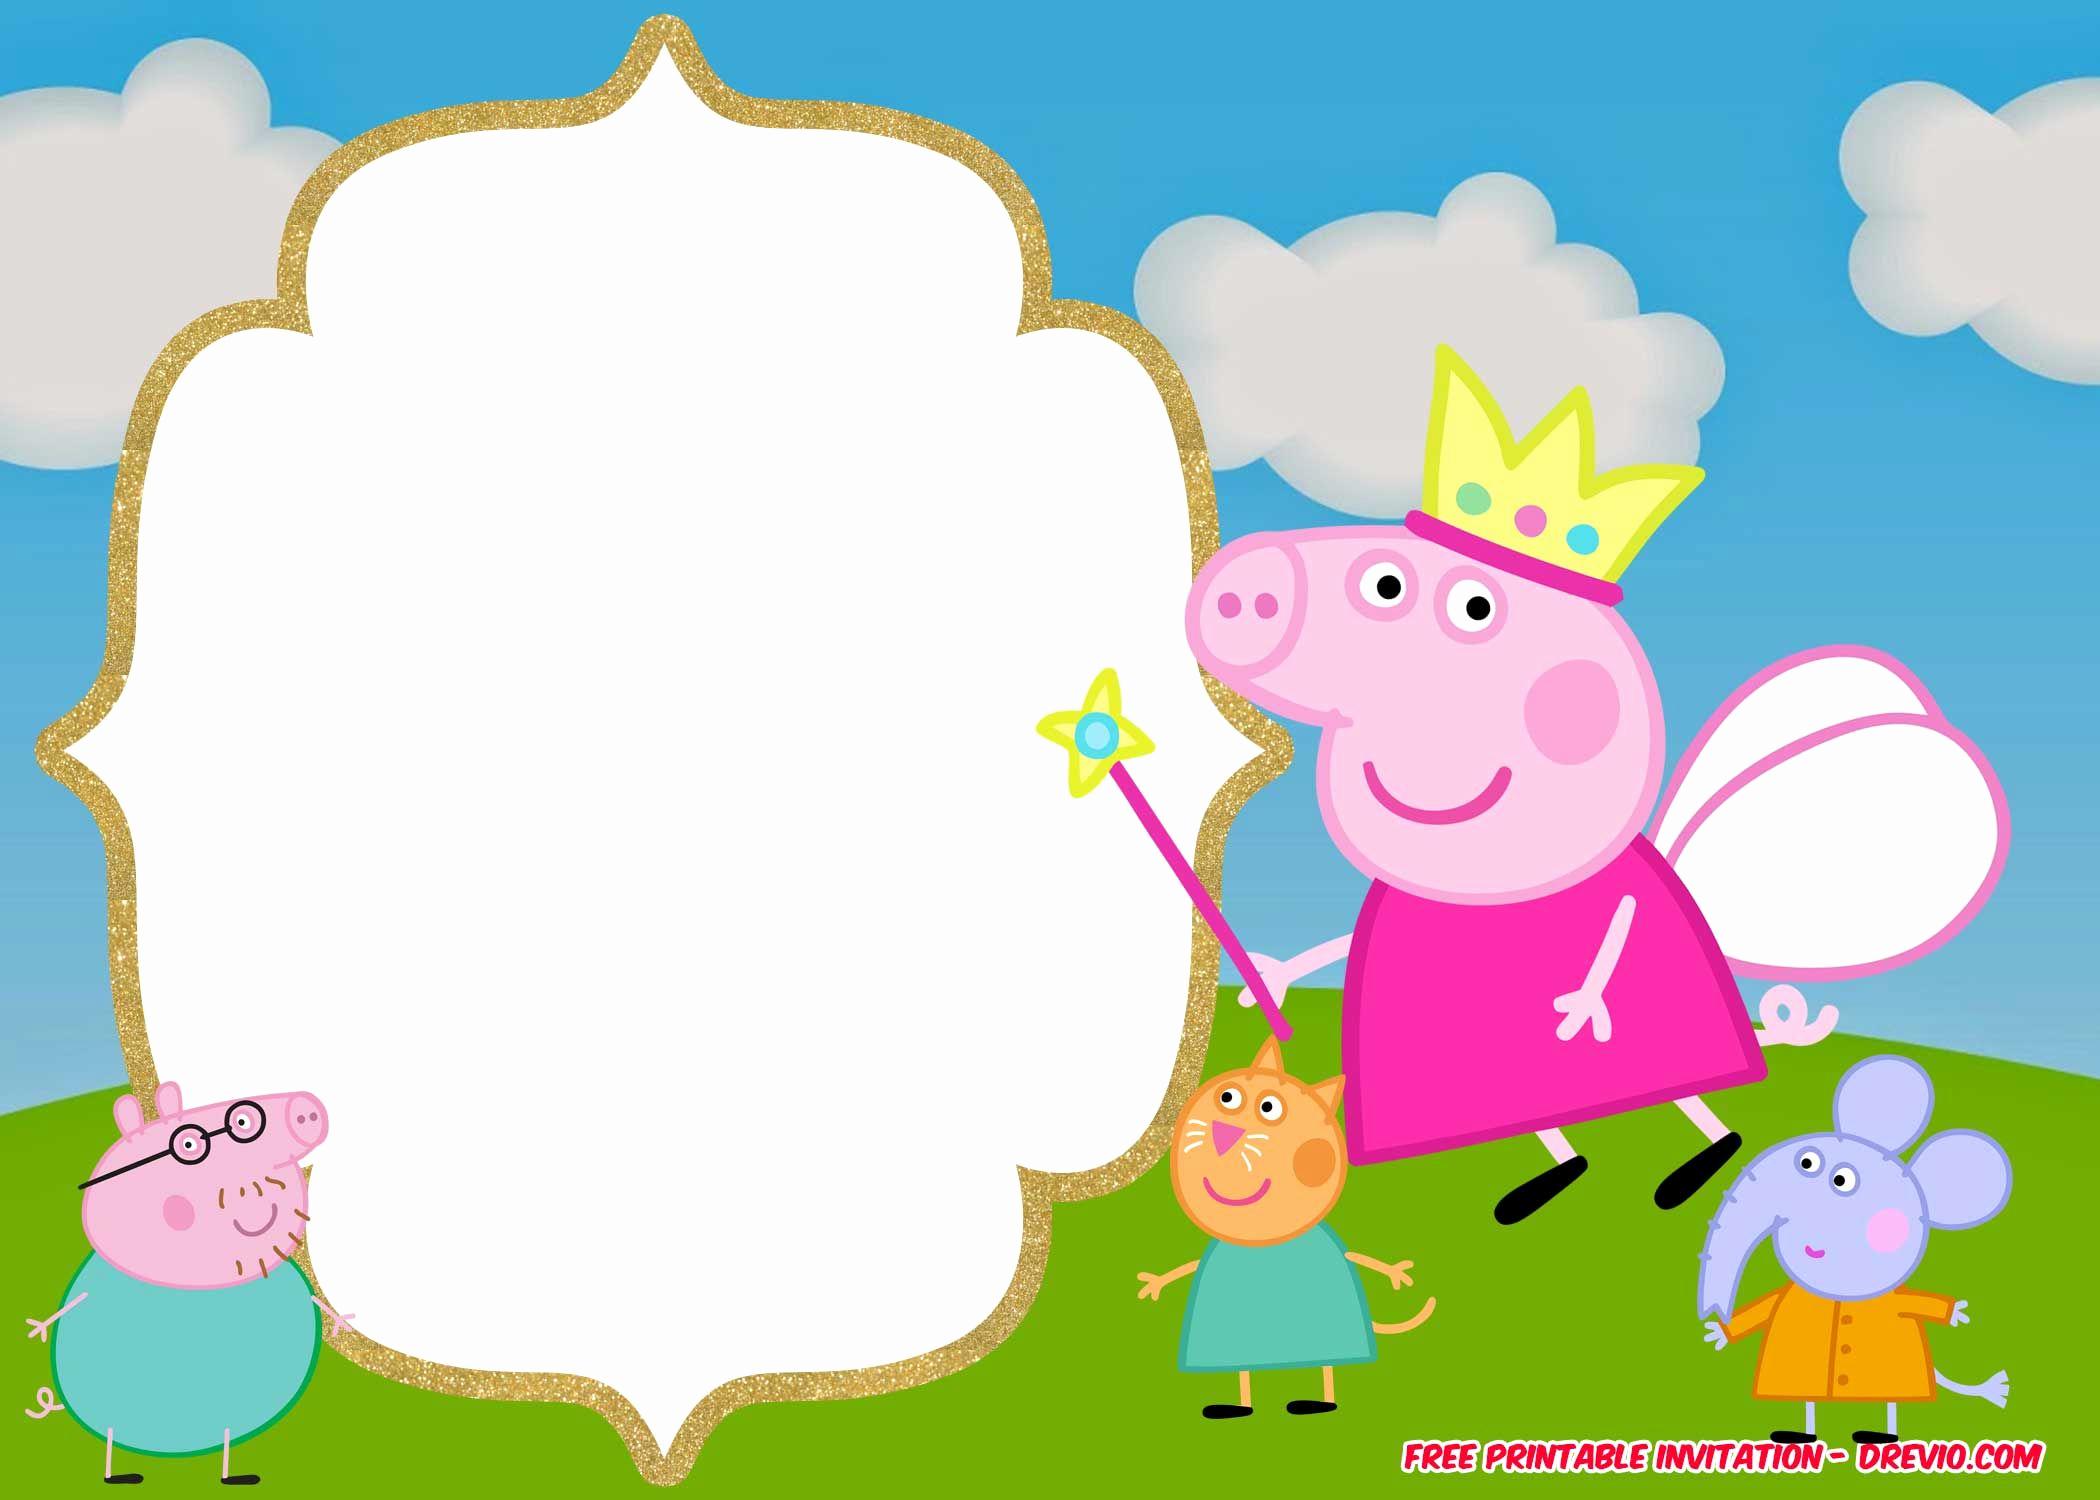 Peppa Pig Invitation Template New Free Printable Peppa Pig Invitation